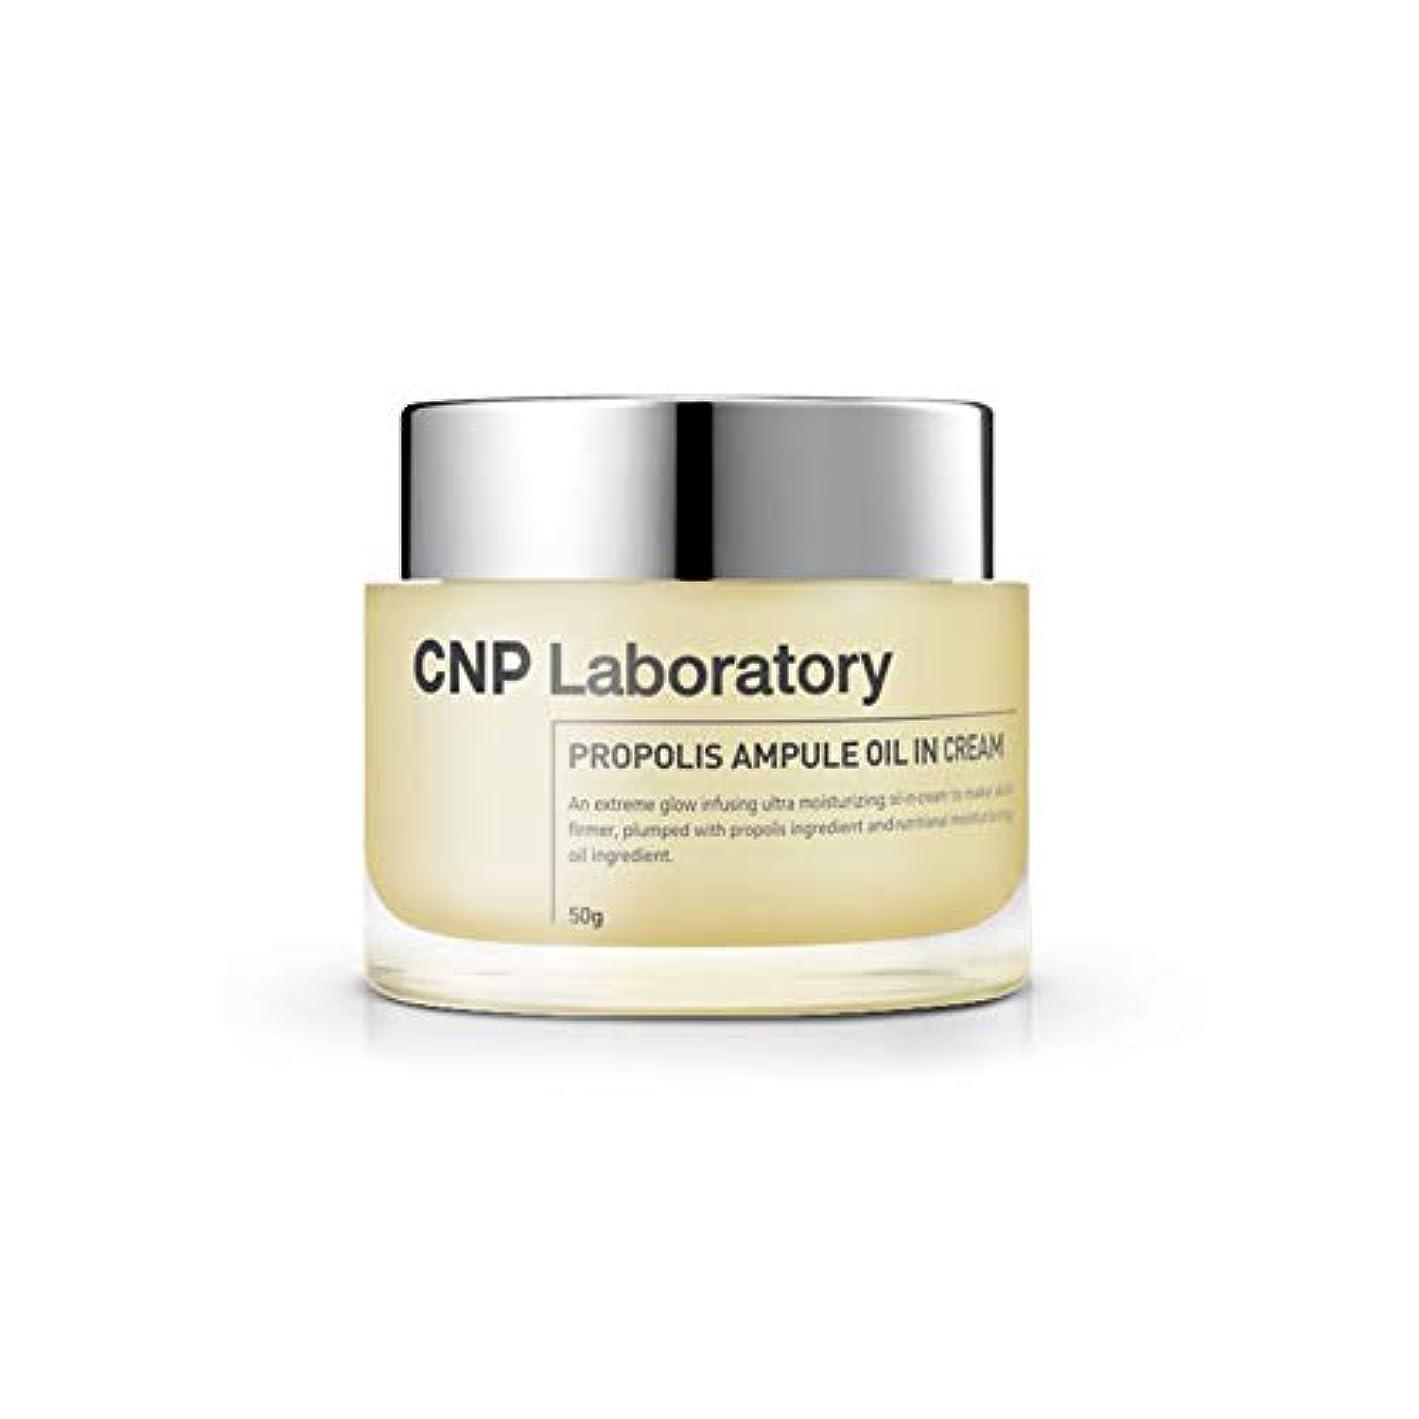 形式ホット弁護[CNP Laboratory] CNP チャ&パク プロポリスアンプルオイルインクリーム 50g [海外直送品][並行輸入品]